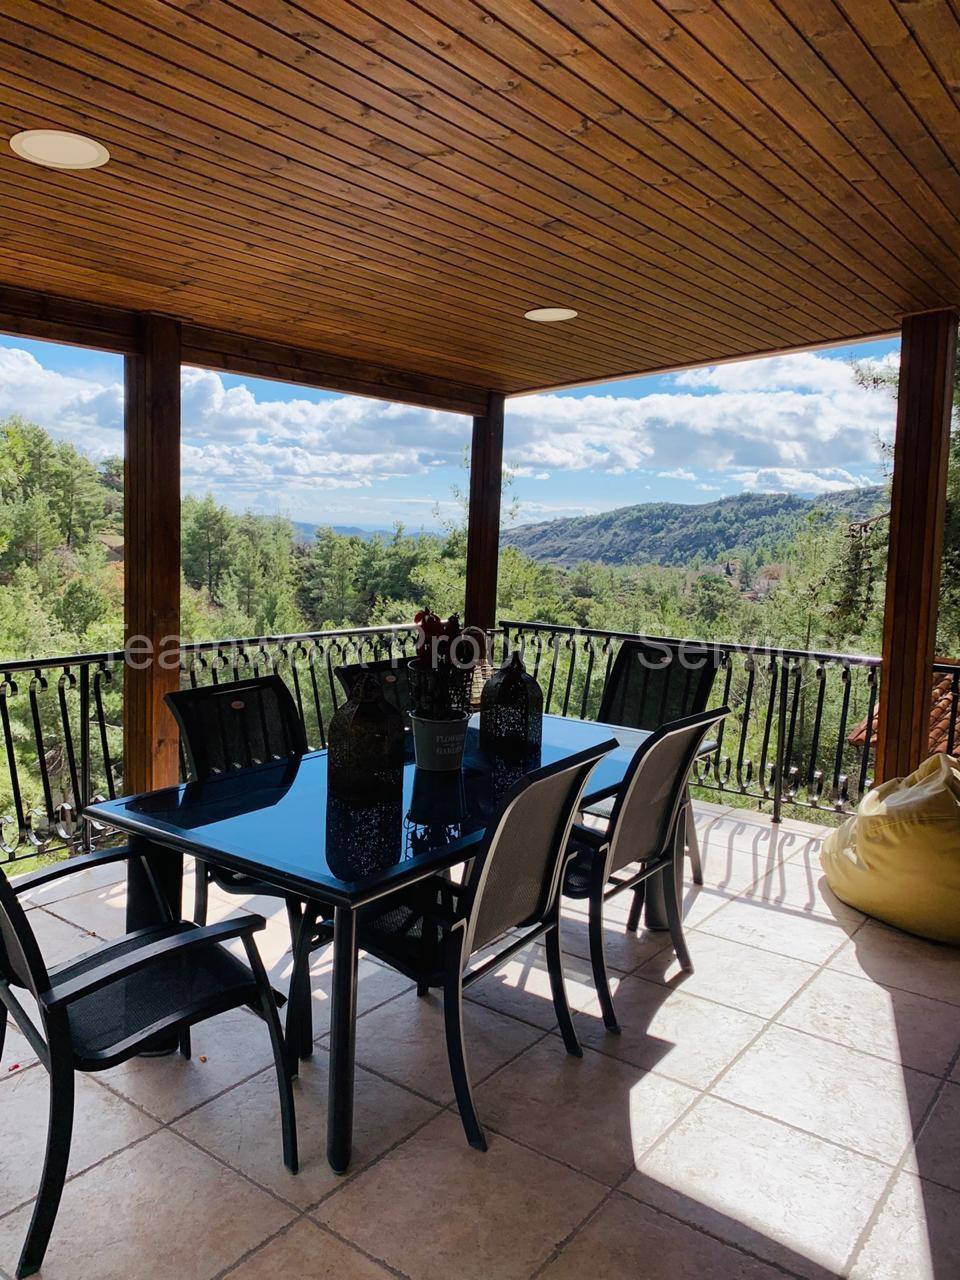 House for sale in PERA PEDI AREA/LIMASSOL